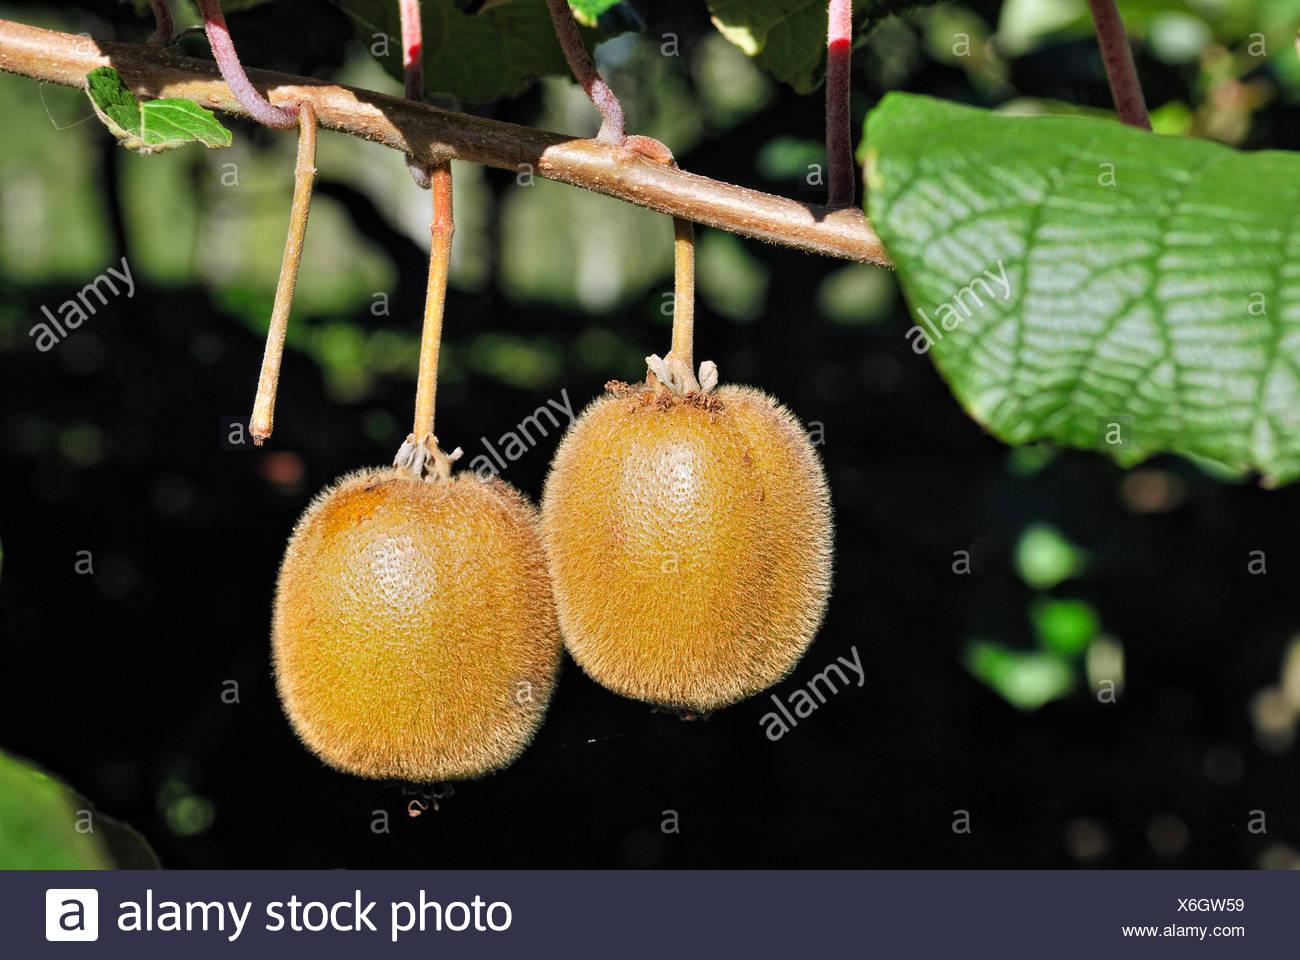 Kiwi Fruit or Chinese Gooseberry (Actinidia deliciosa), on the bush, Coromandel Peninsula, North Island, New Zealand - Stock Image